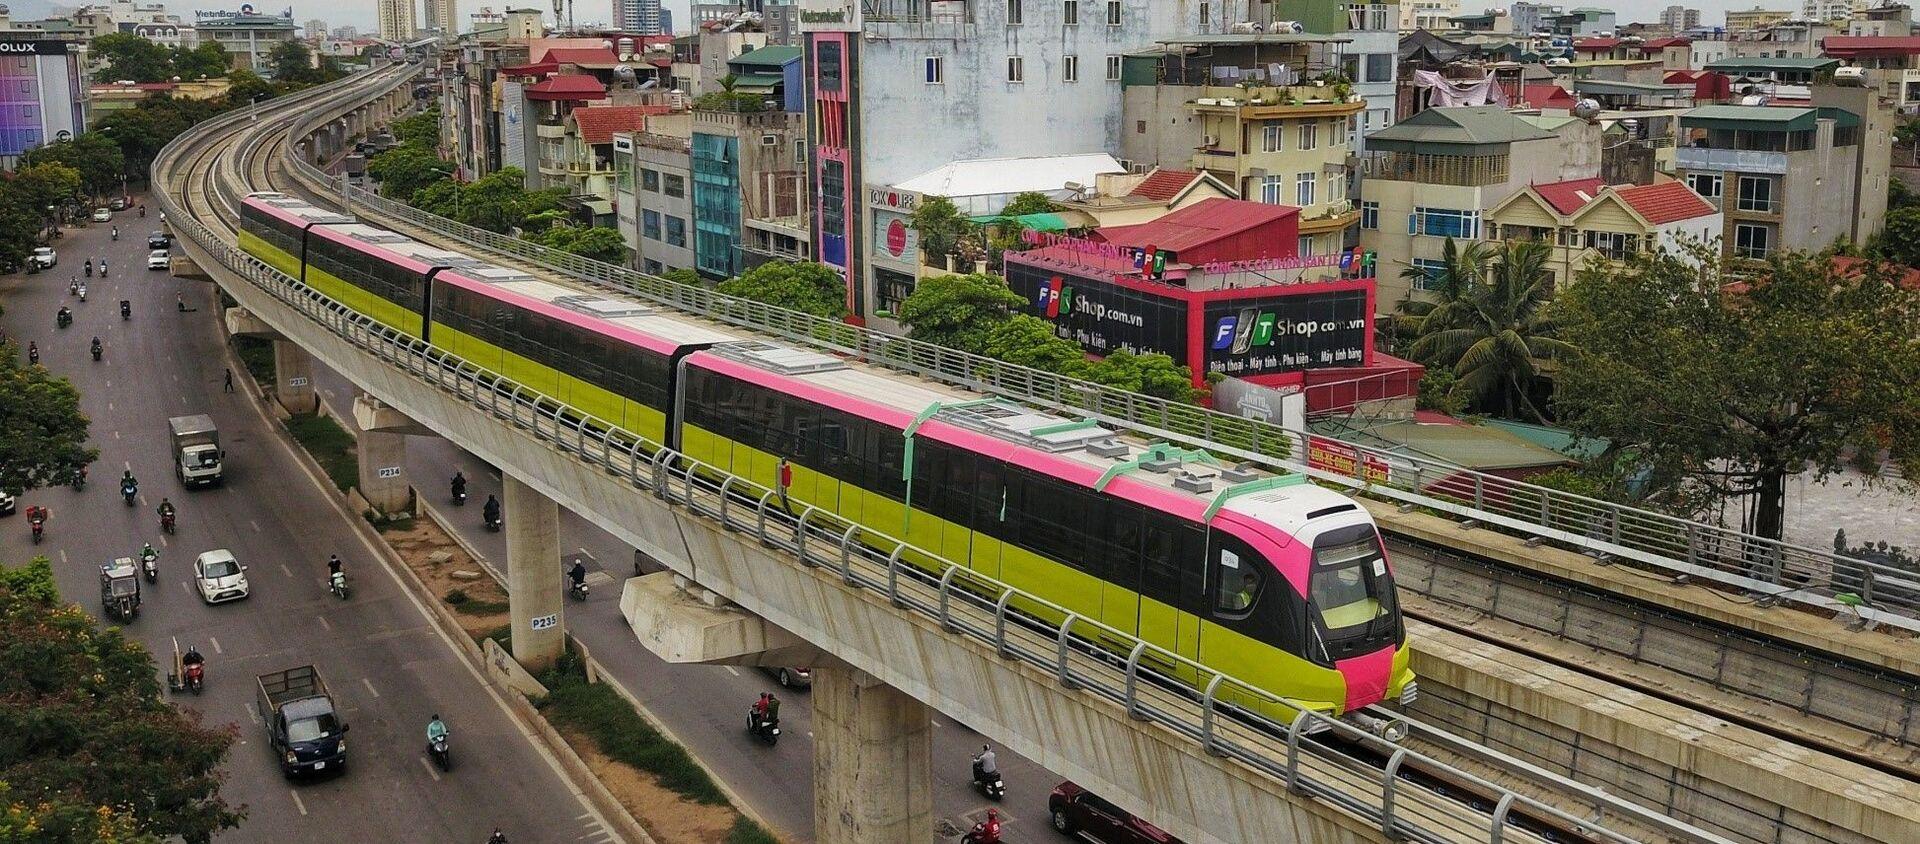 Đoàn tàu chạy qua tuyến đường Nhổn - Ga Hà Nội (đoạn trên cao dài 8,5km từ Nhổn đến Đại học Giao thông vận tải). - Sputnik Việt Nam, 1920, 01.07.2021